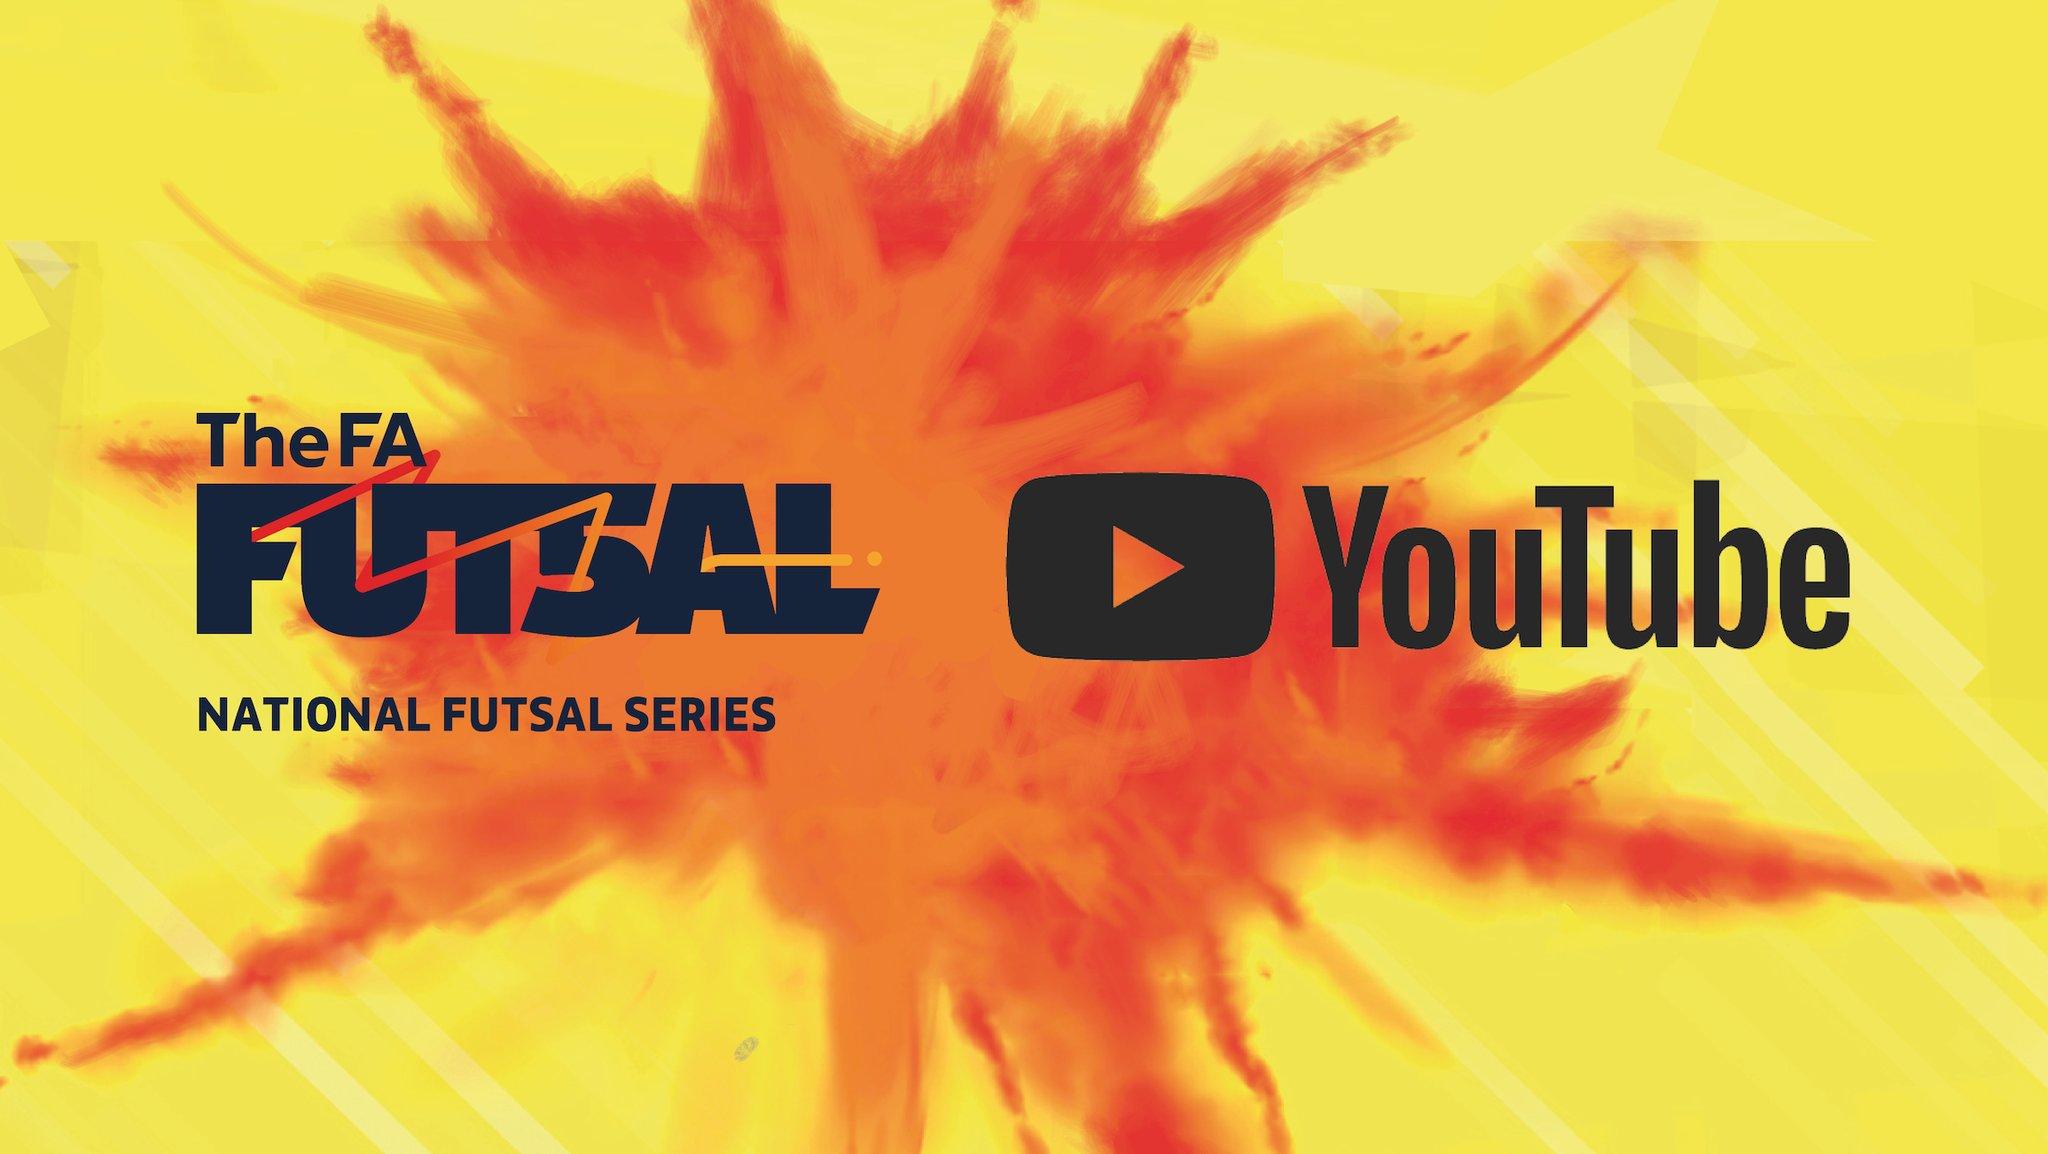 Futsal developments happening in England